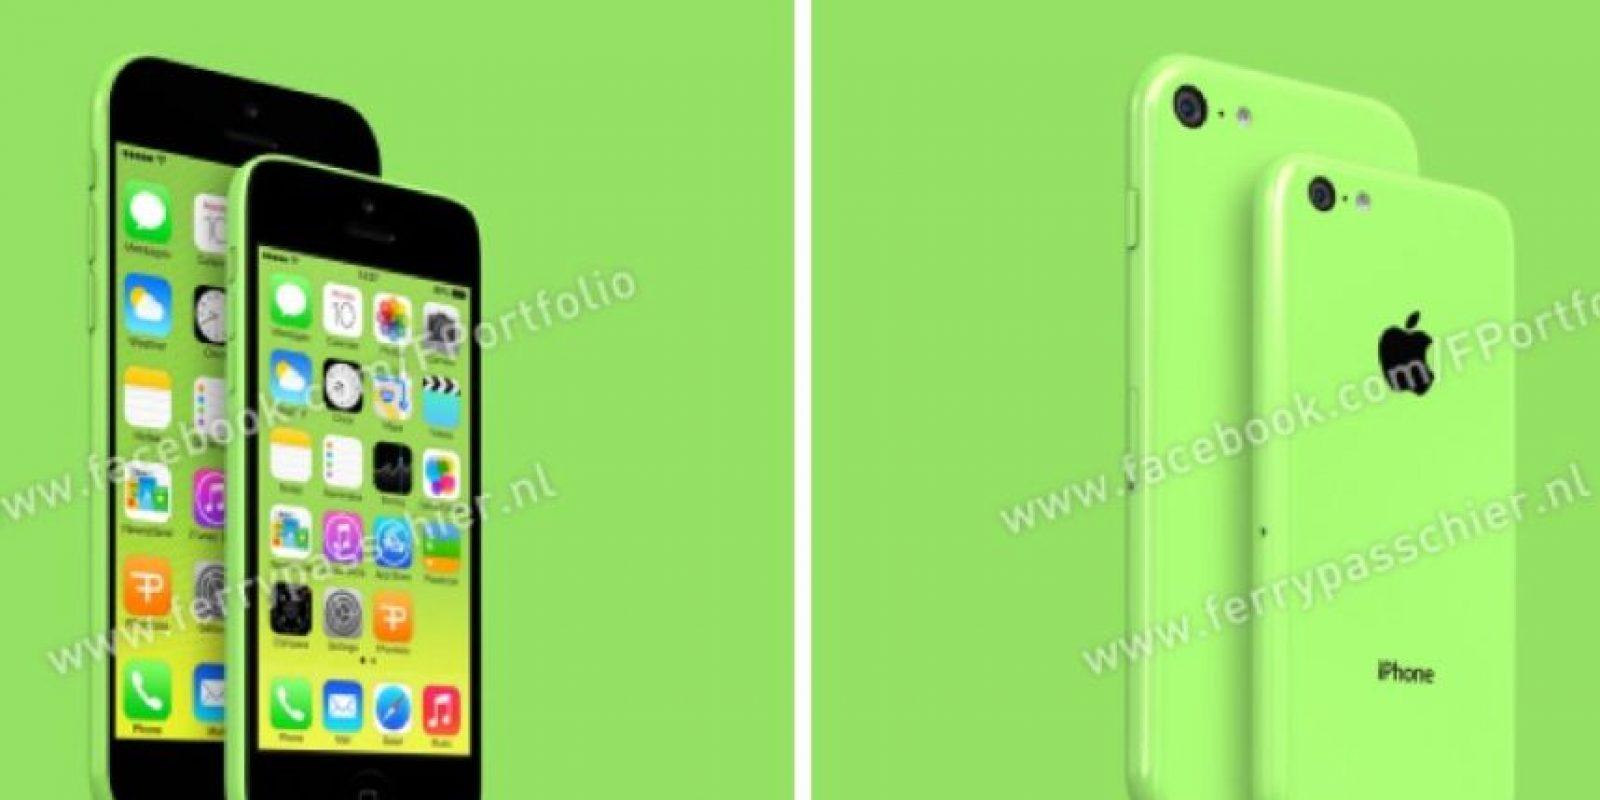 De esta forma podría lucir el iPhone 6c. Foto:facebook.com/FPortofolio